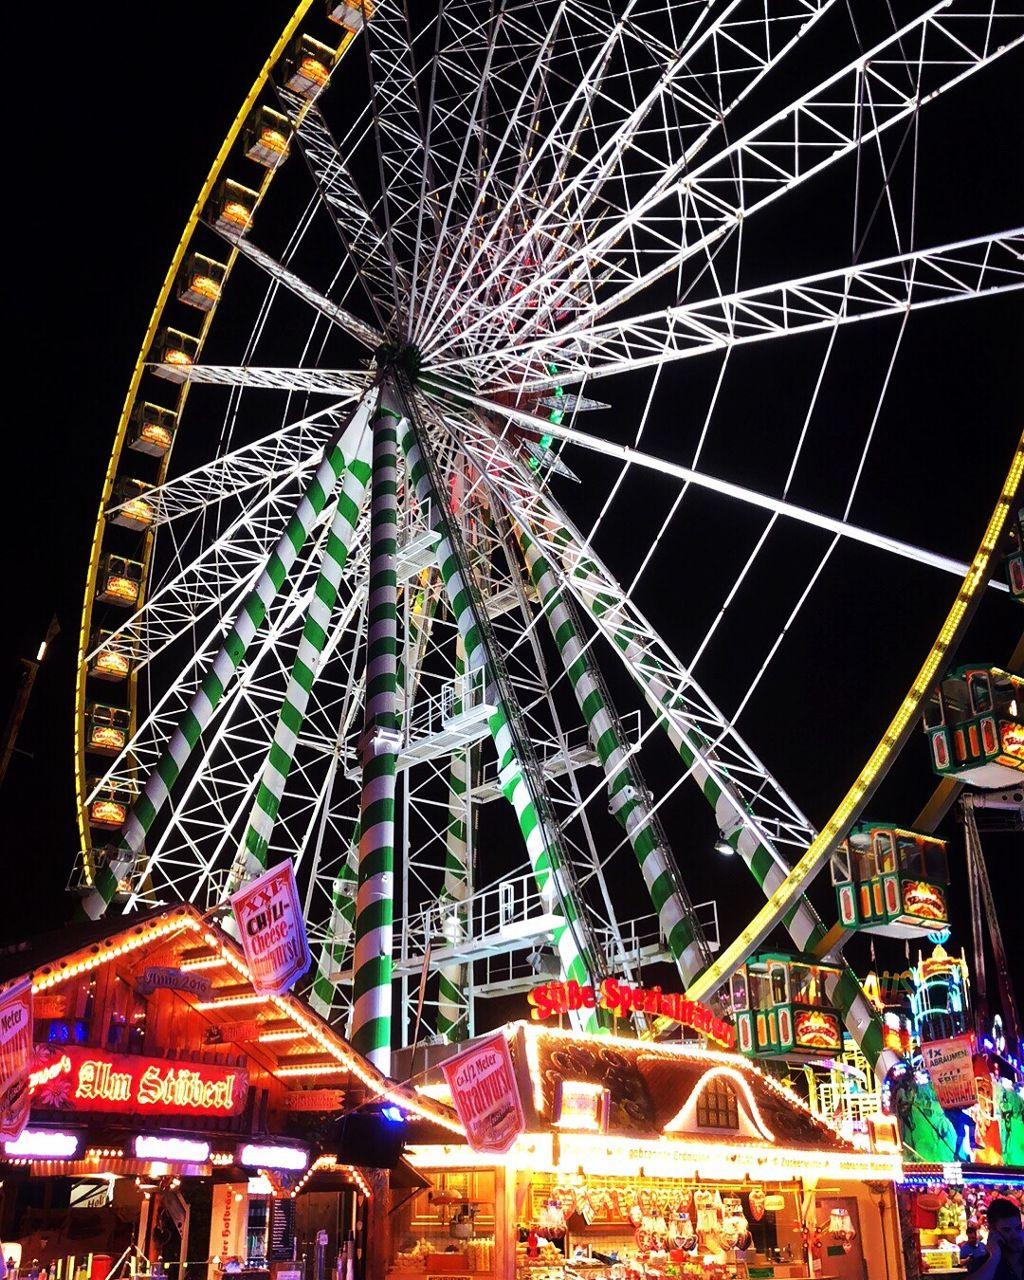 #festival #lunapark